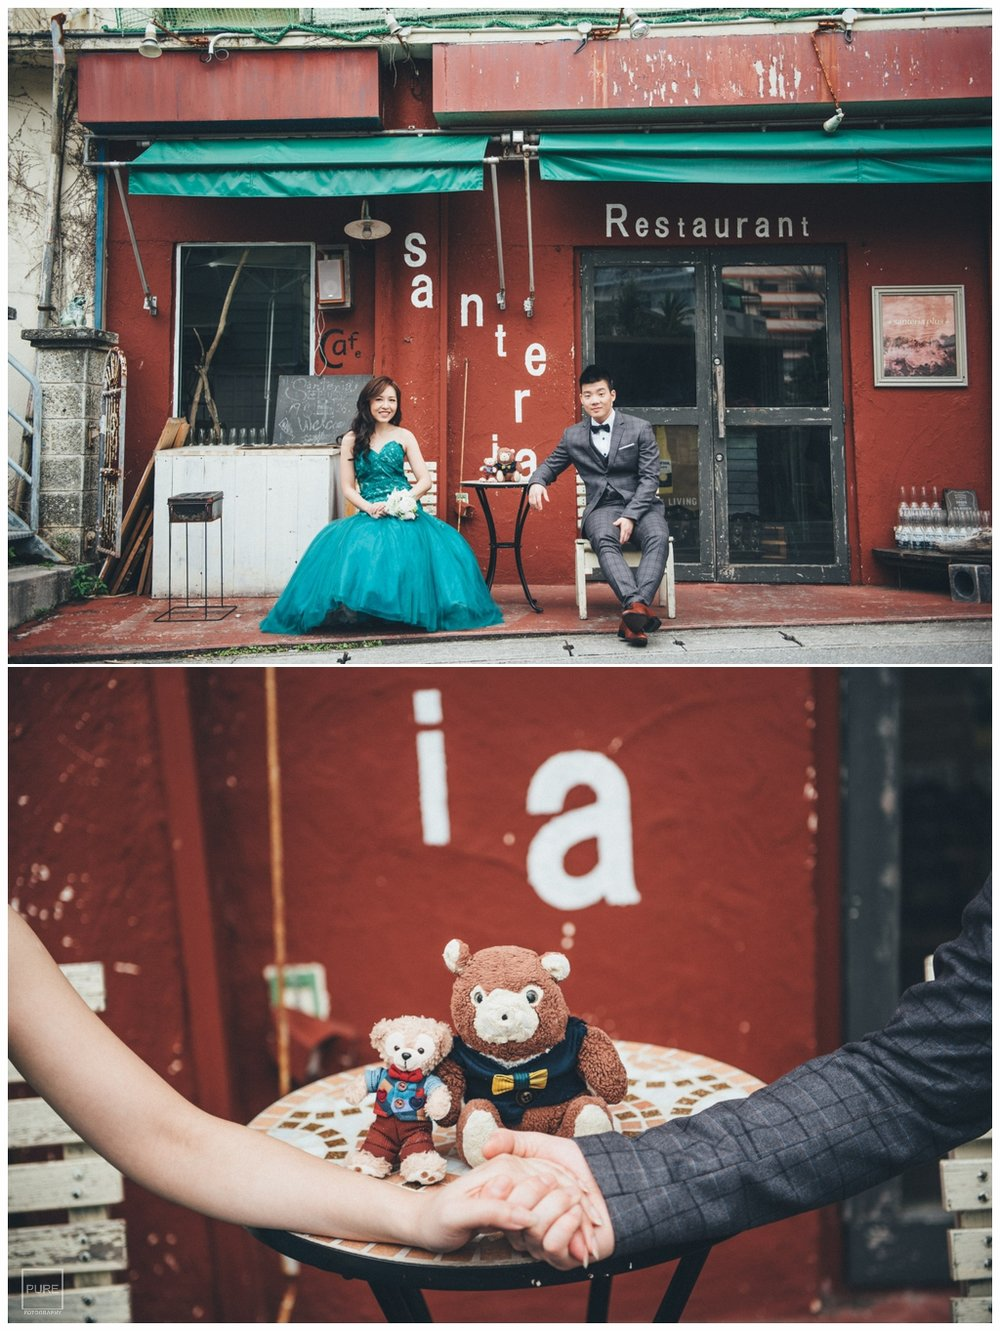 美式婚紗拍攝紅色水泥牆餐廳婚紗拍攝